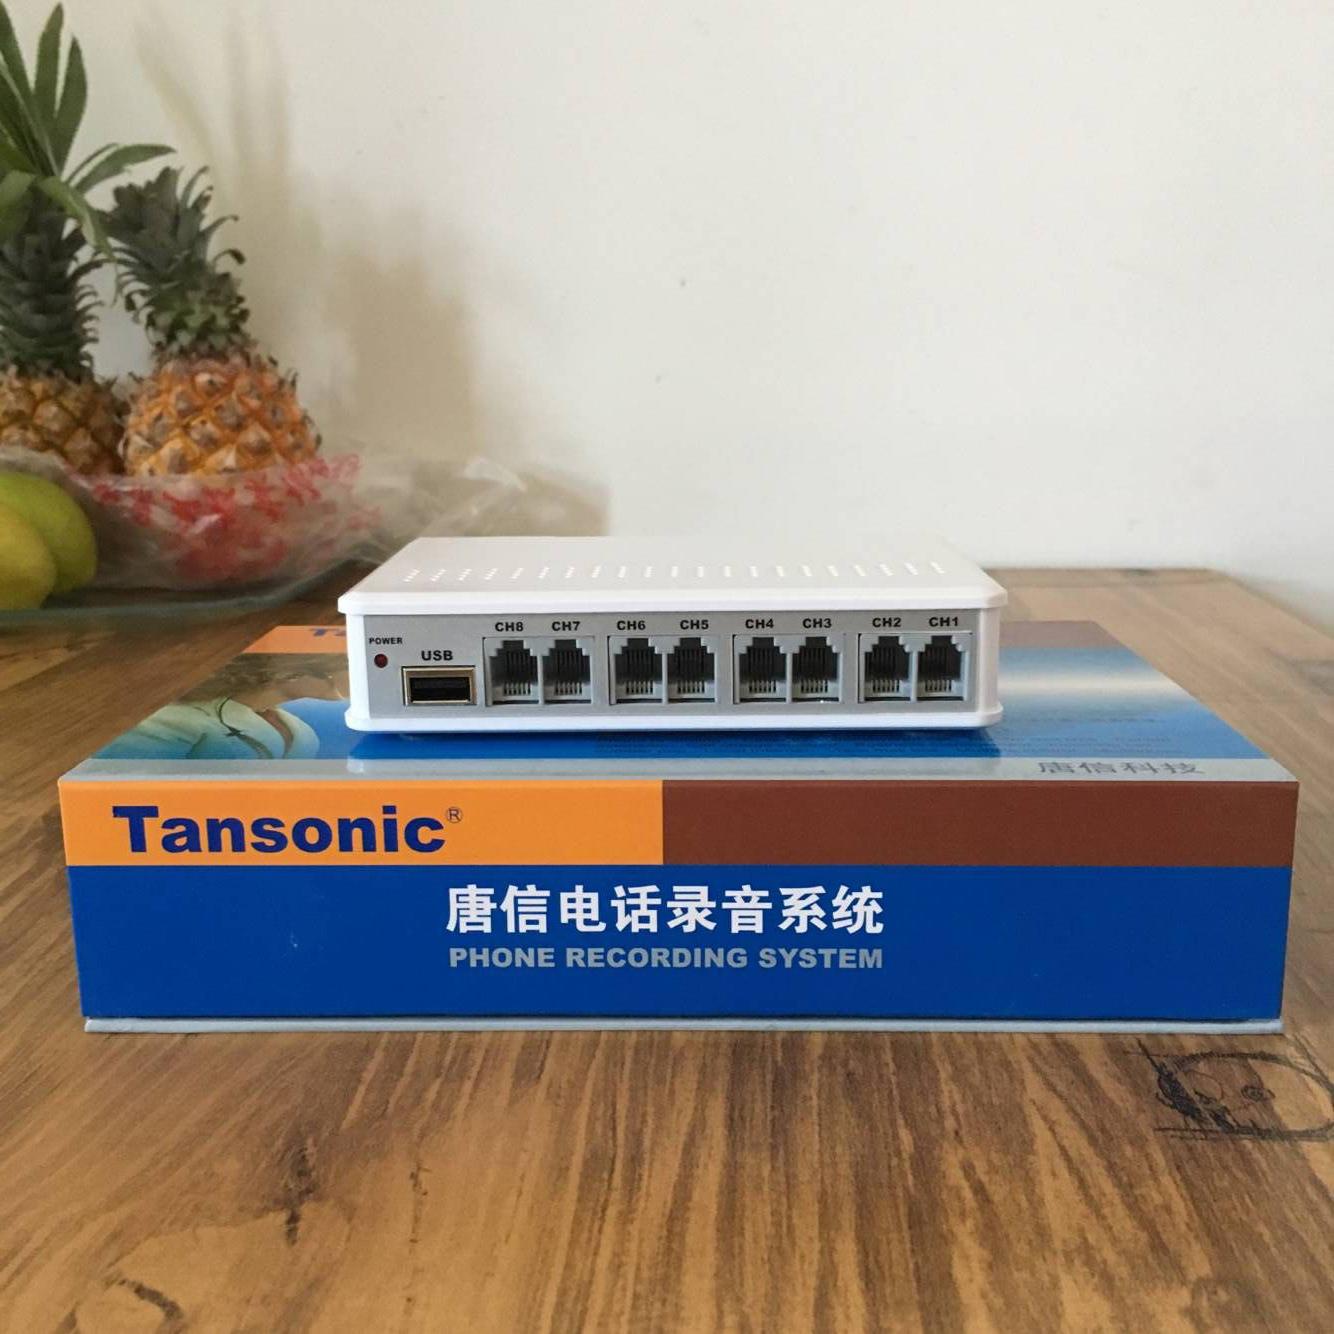 唐信TX2006 U8 USB电话固话座机自动通话录音卡 录音系统 盒子